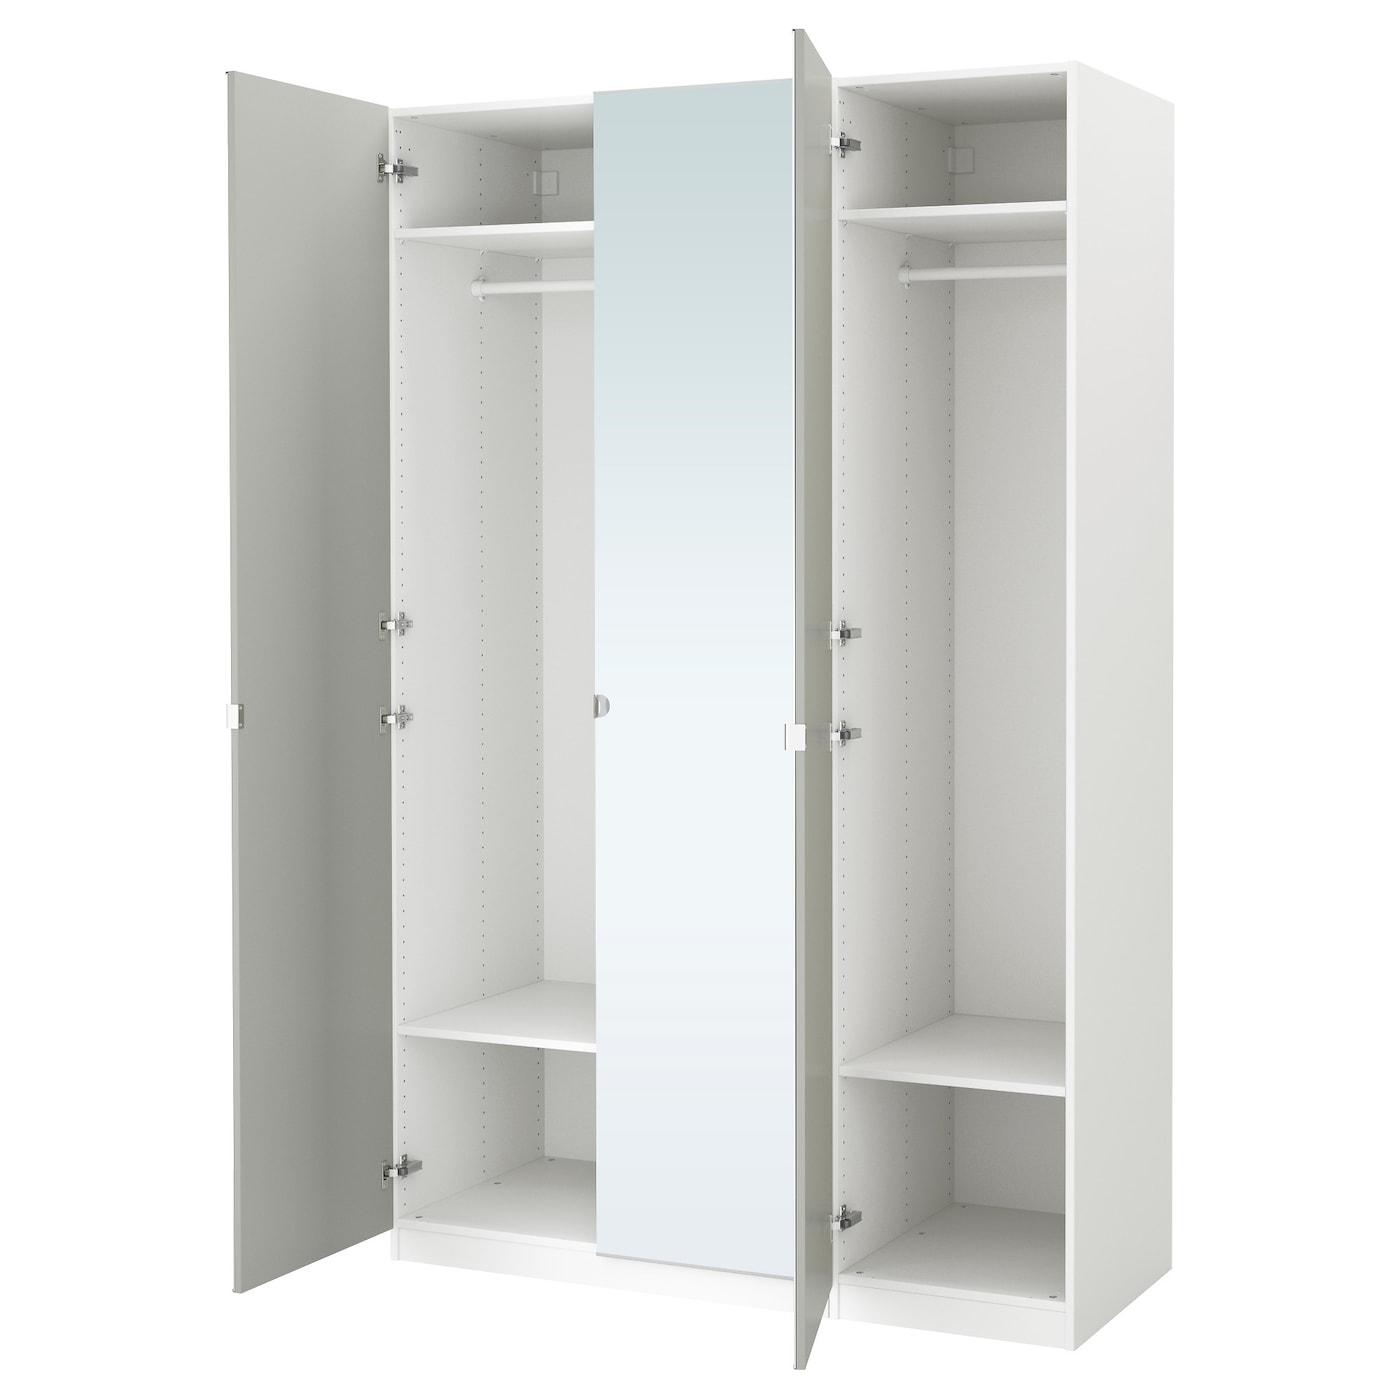 Pax syst me combinaisons avec portes ikea for Porte 60 x 50